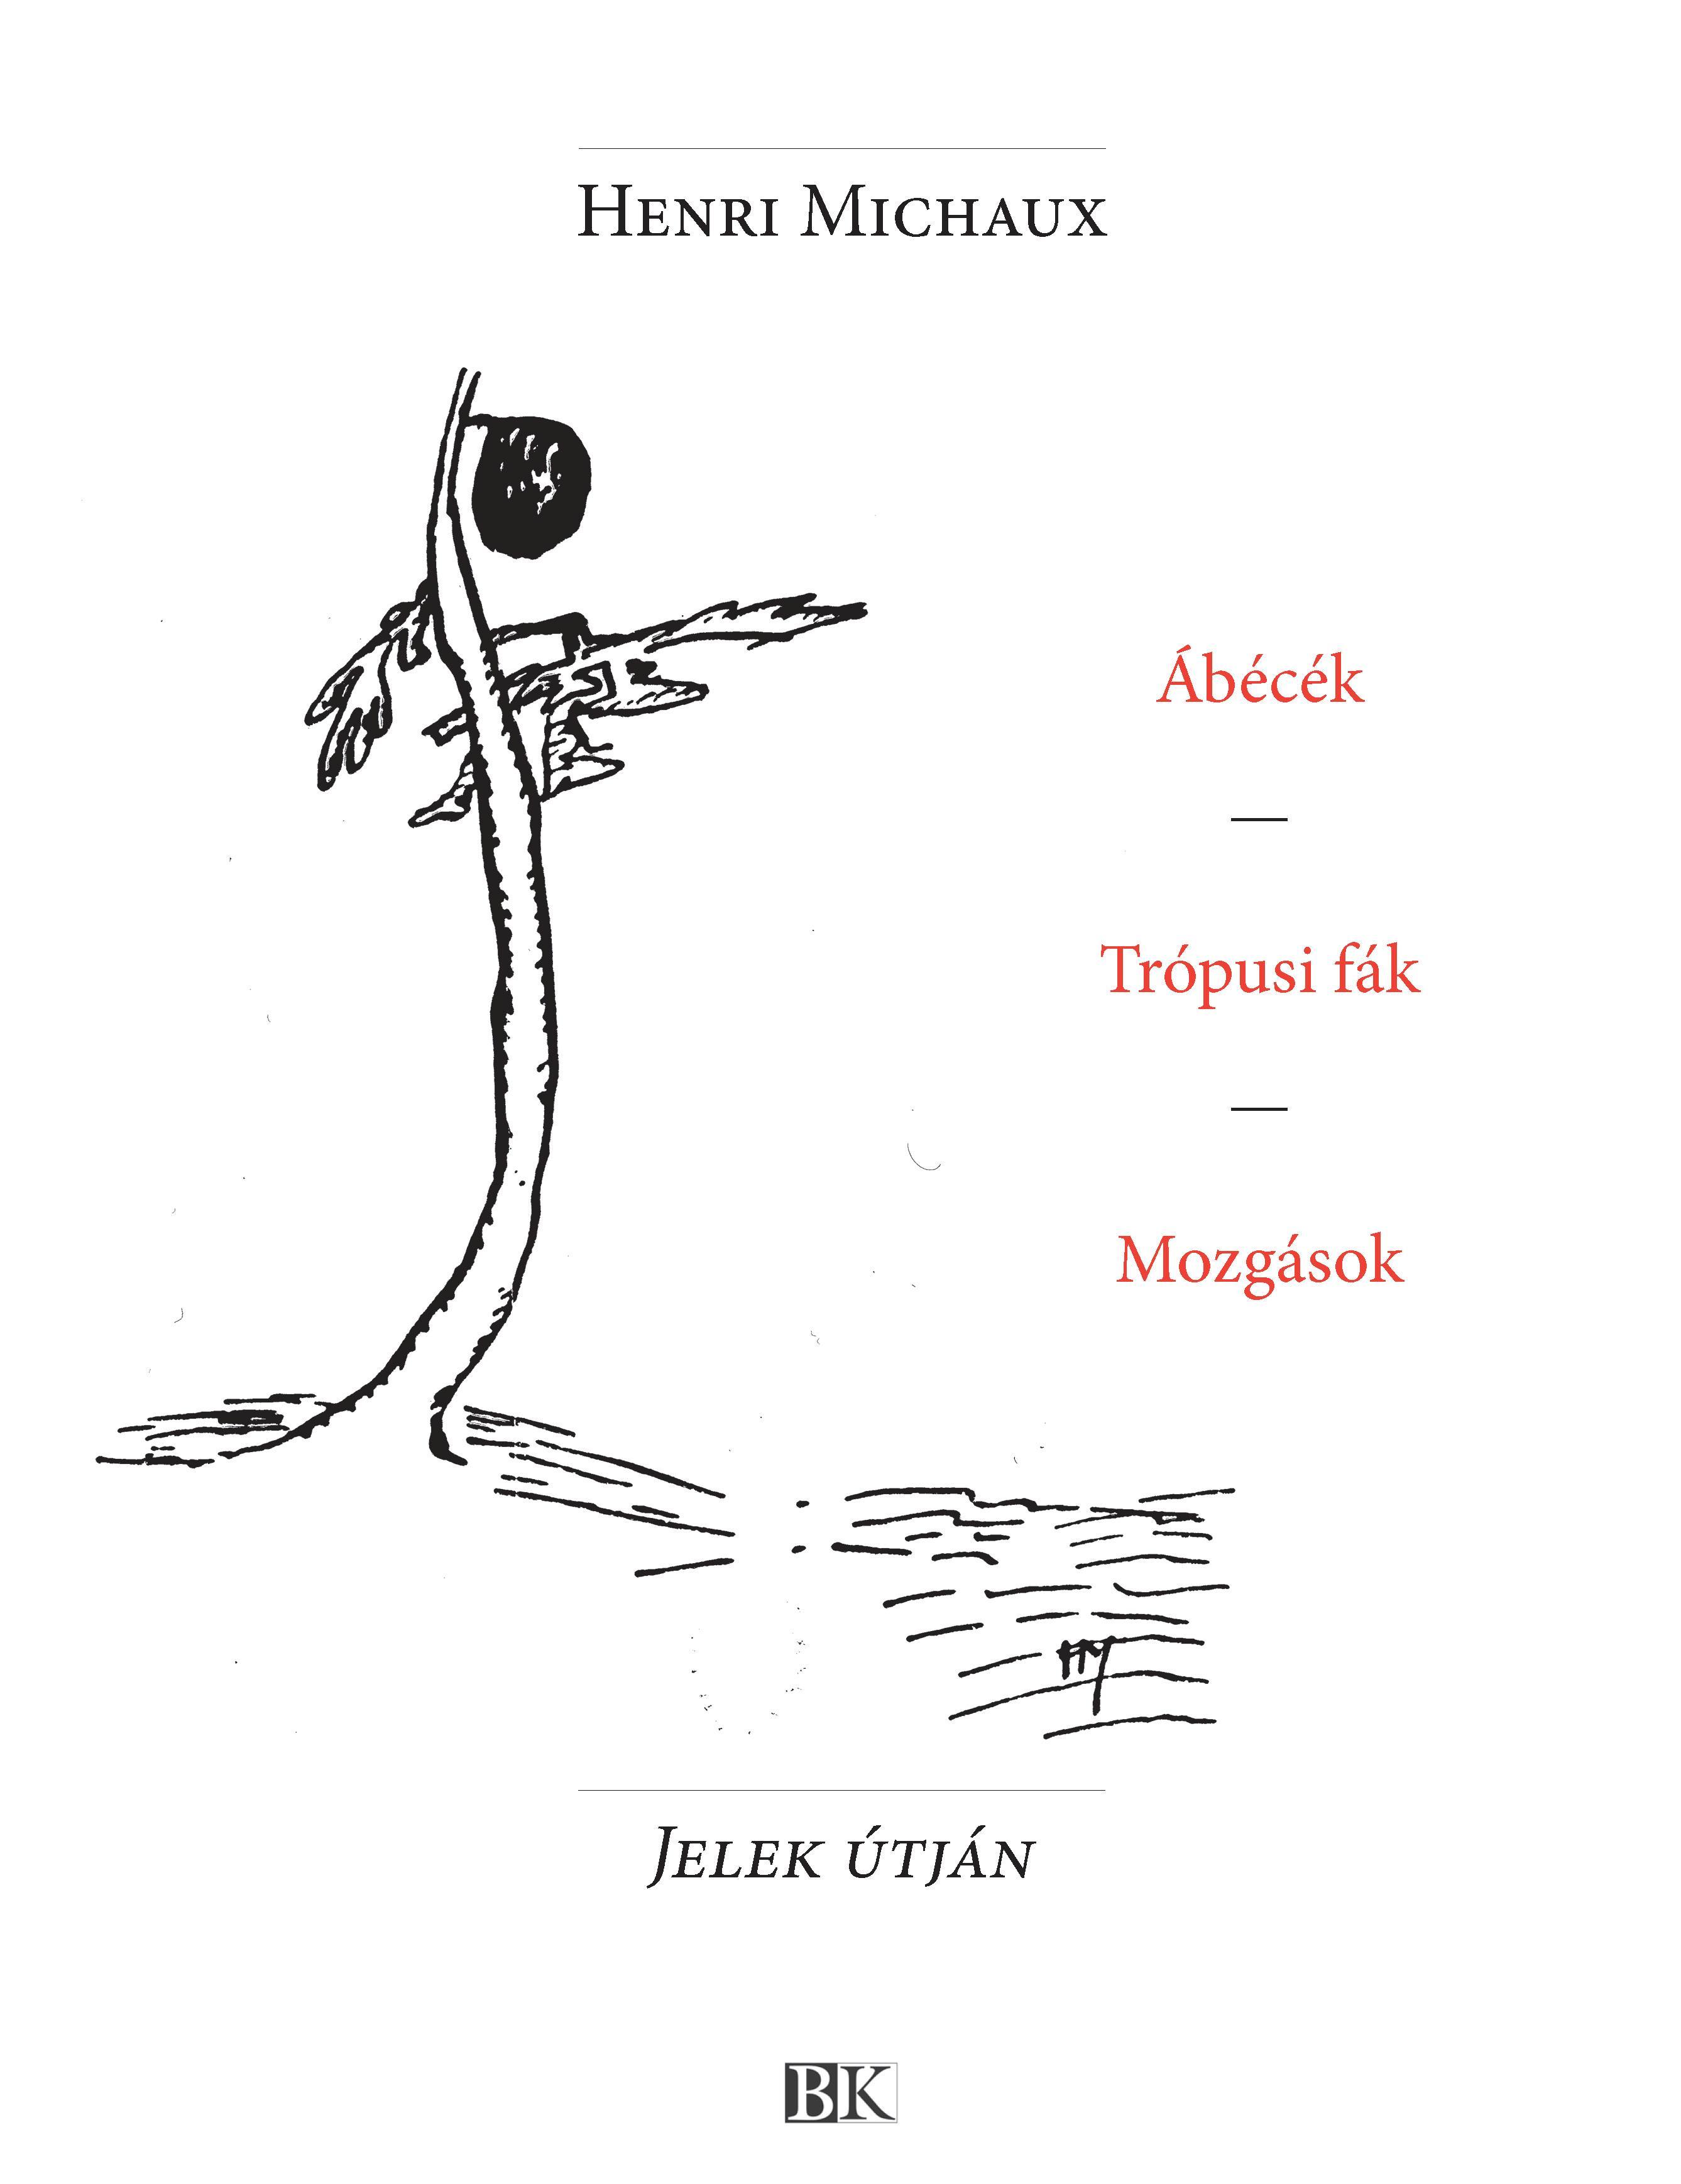 ÁBÉCÉK - TRÓPUSI FÁK - MOZGÁSOK